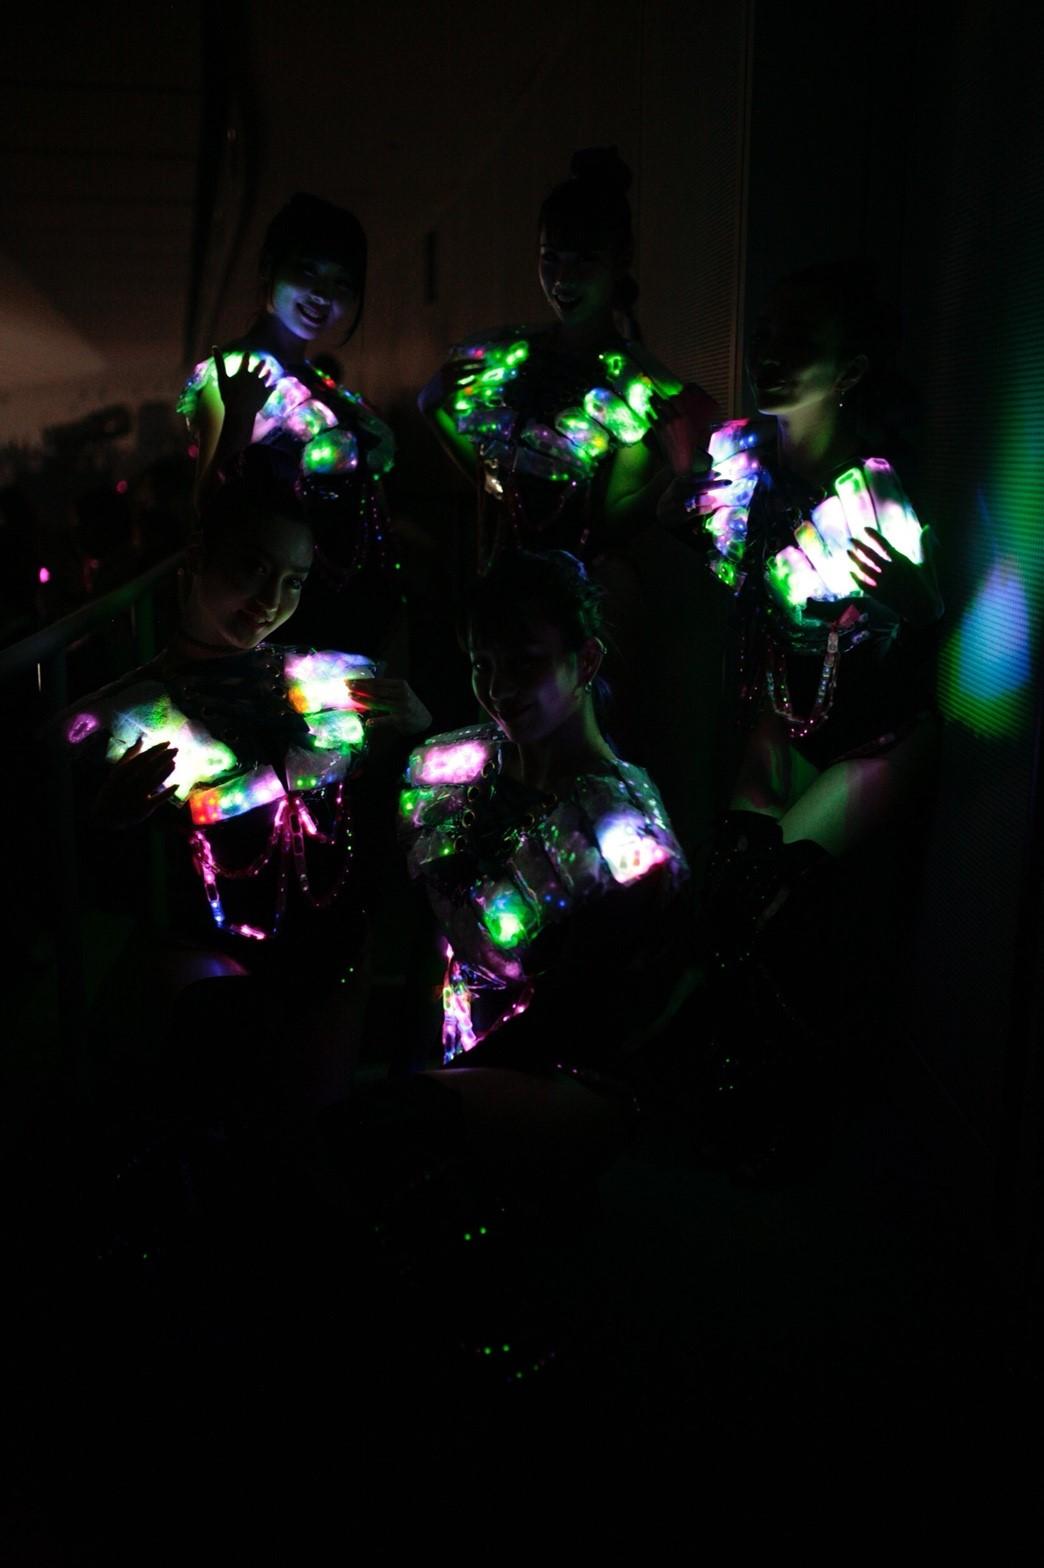 Neon dancers0331_180402_0005